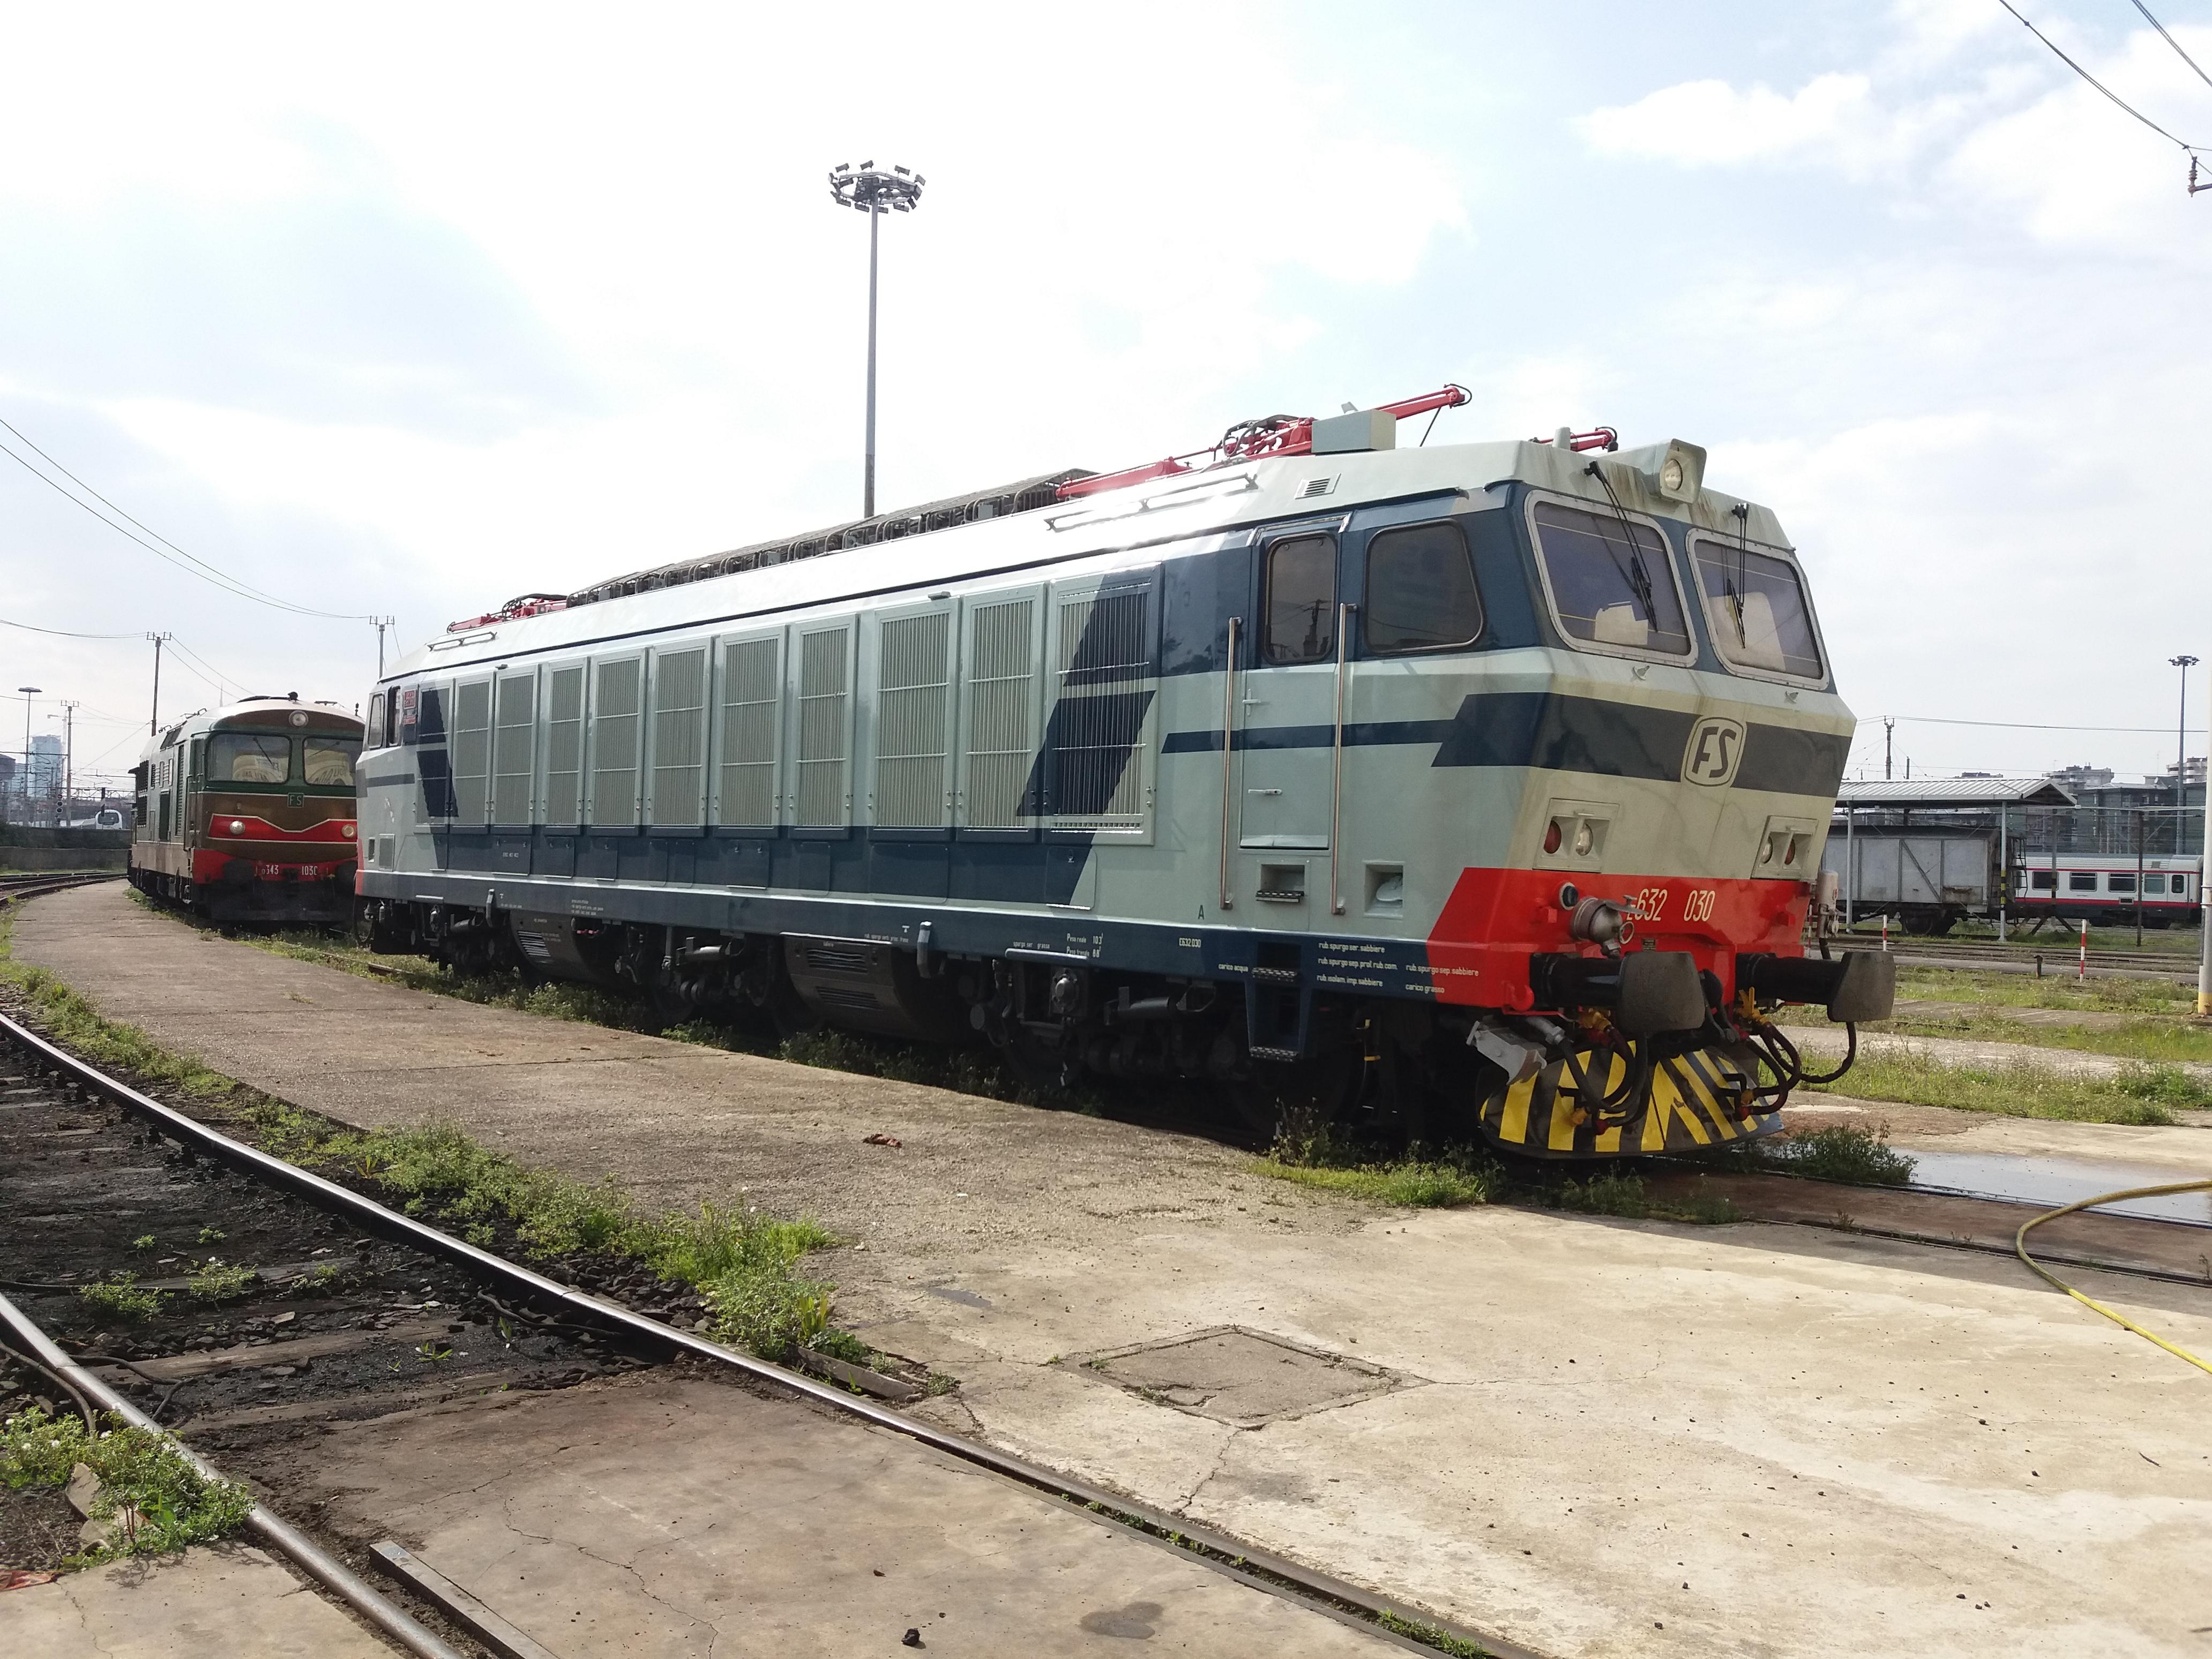 Pulizia E632 030 (Tigre)